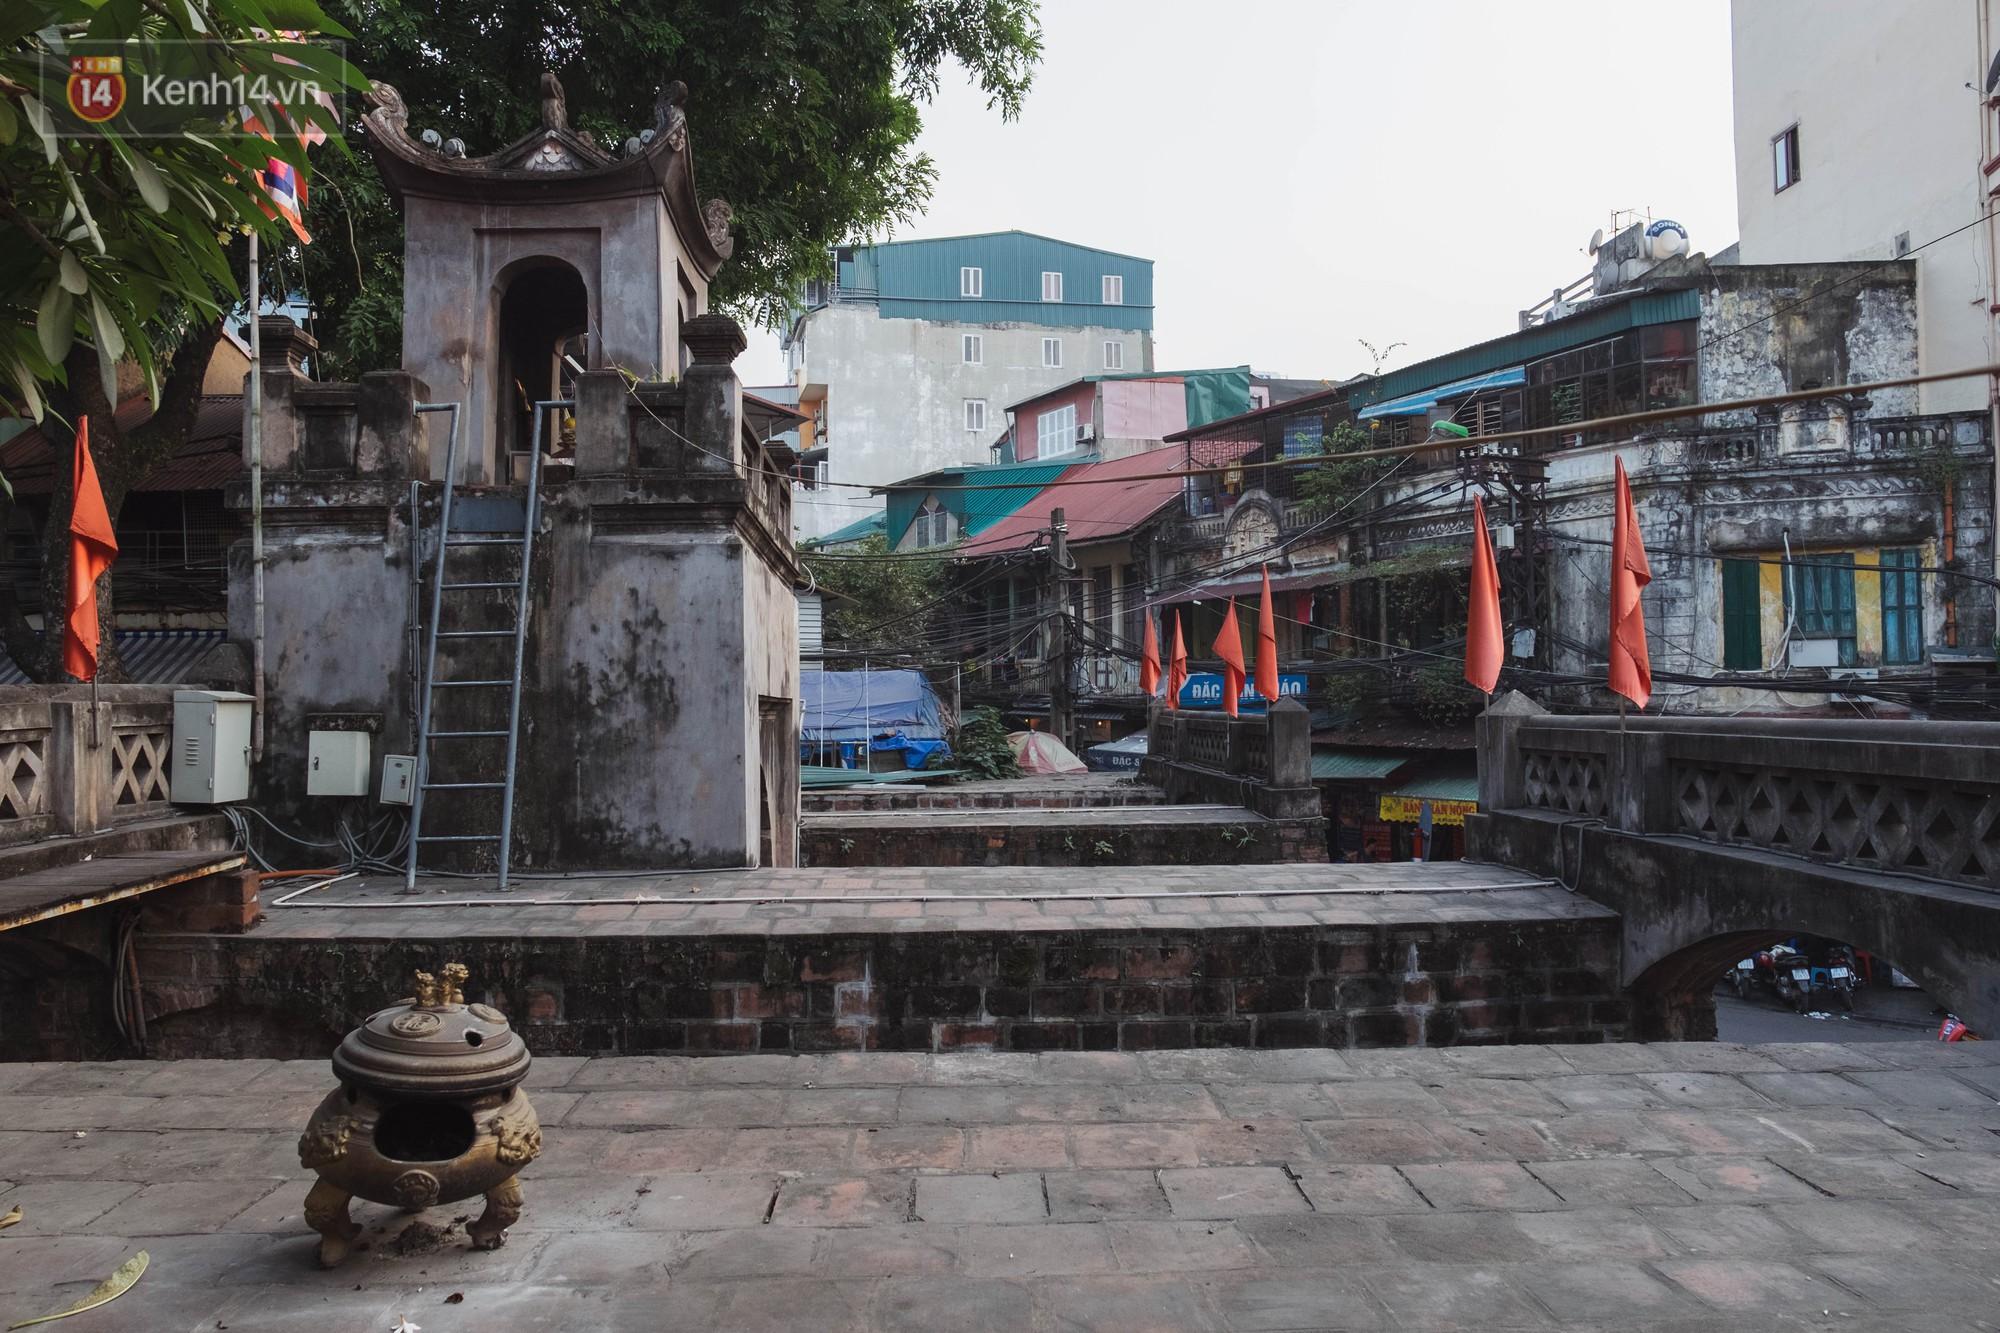 Chuyện người đàn ông ở Hà Nội 20 năm canh giữ cửa ô duy nhất còn lại của kinh thành Thăng Long xưa 6